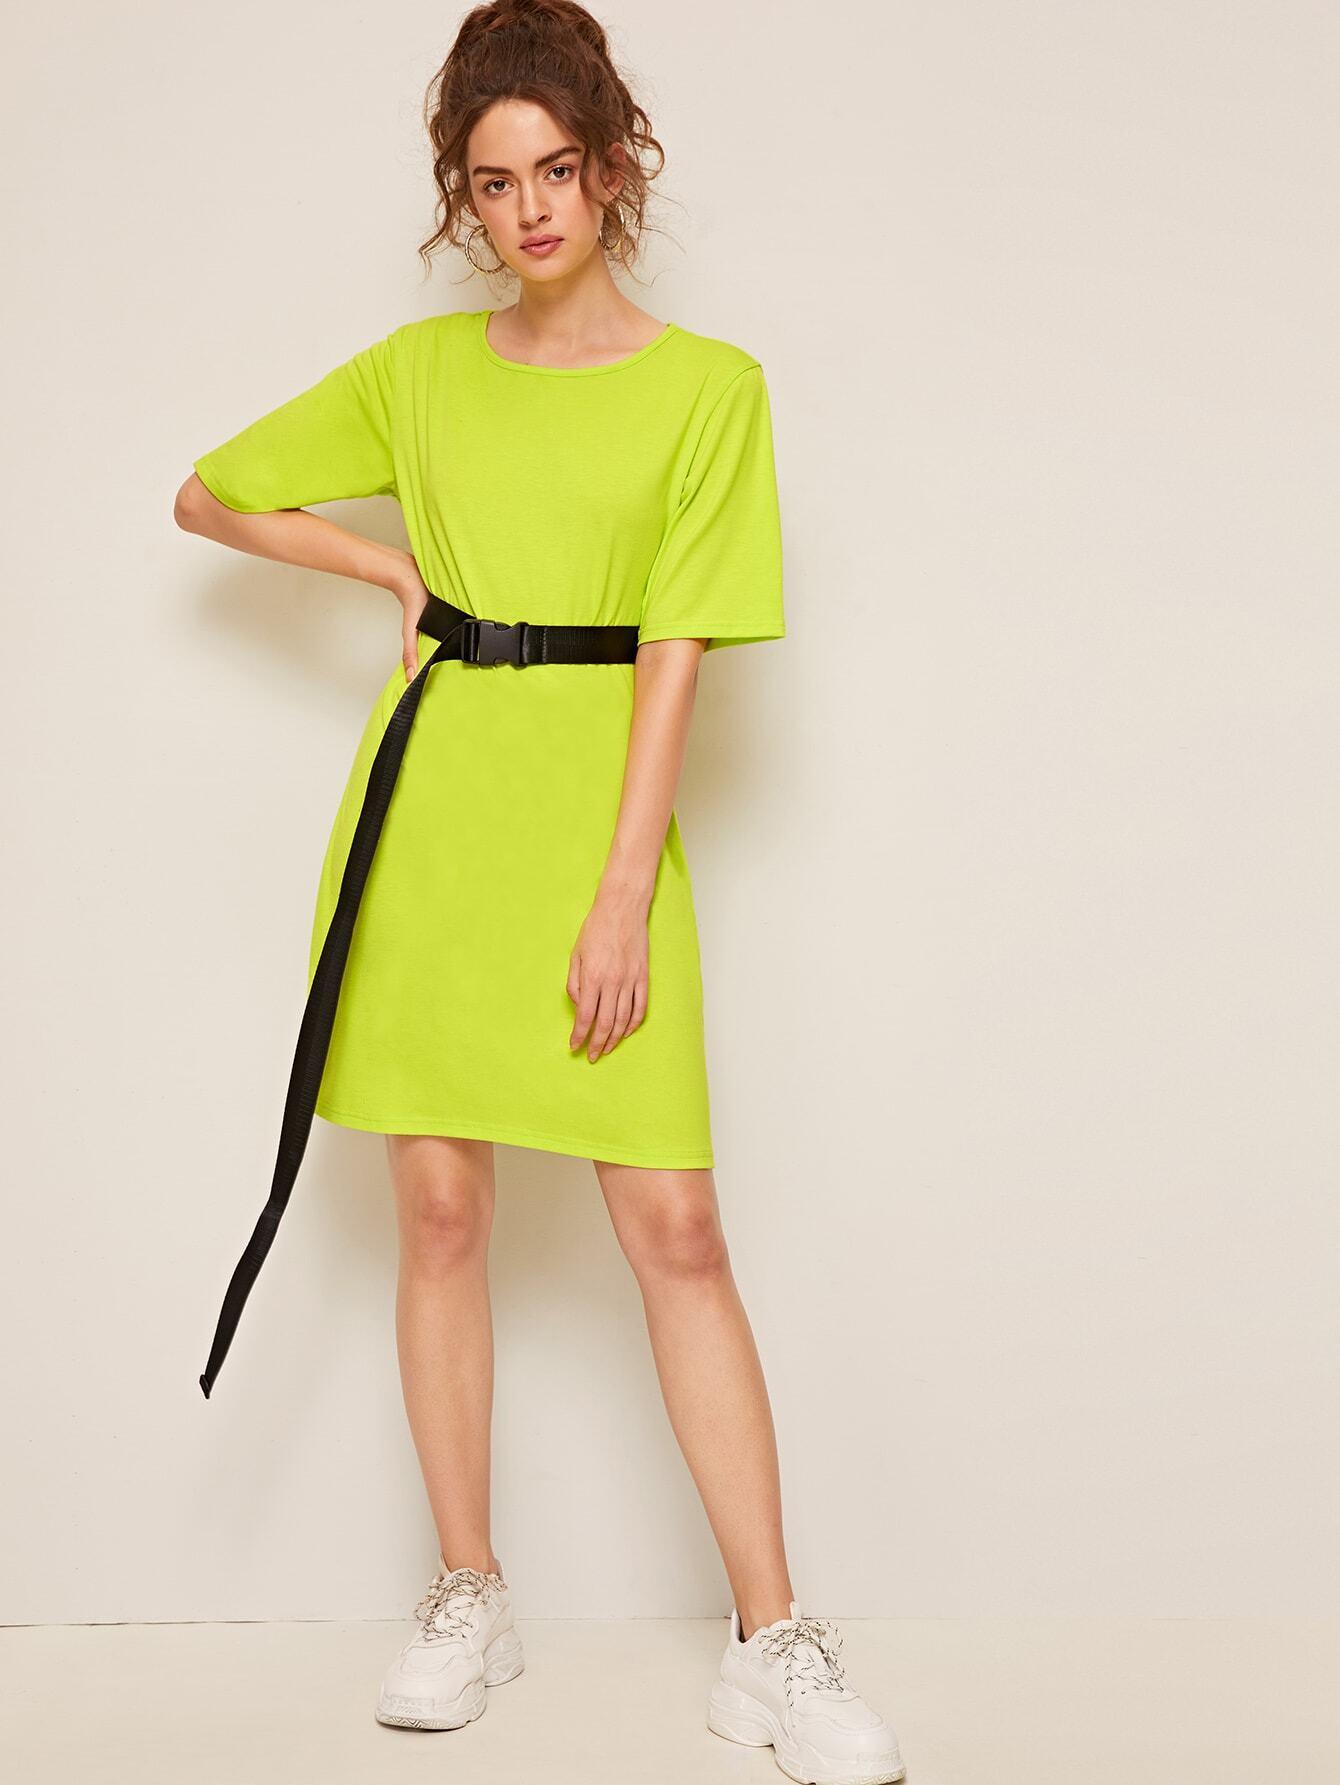 Neon Grün Kleid mit Schnalle Gürtel   SHEIN